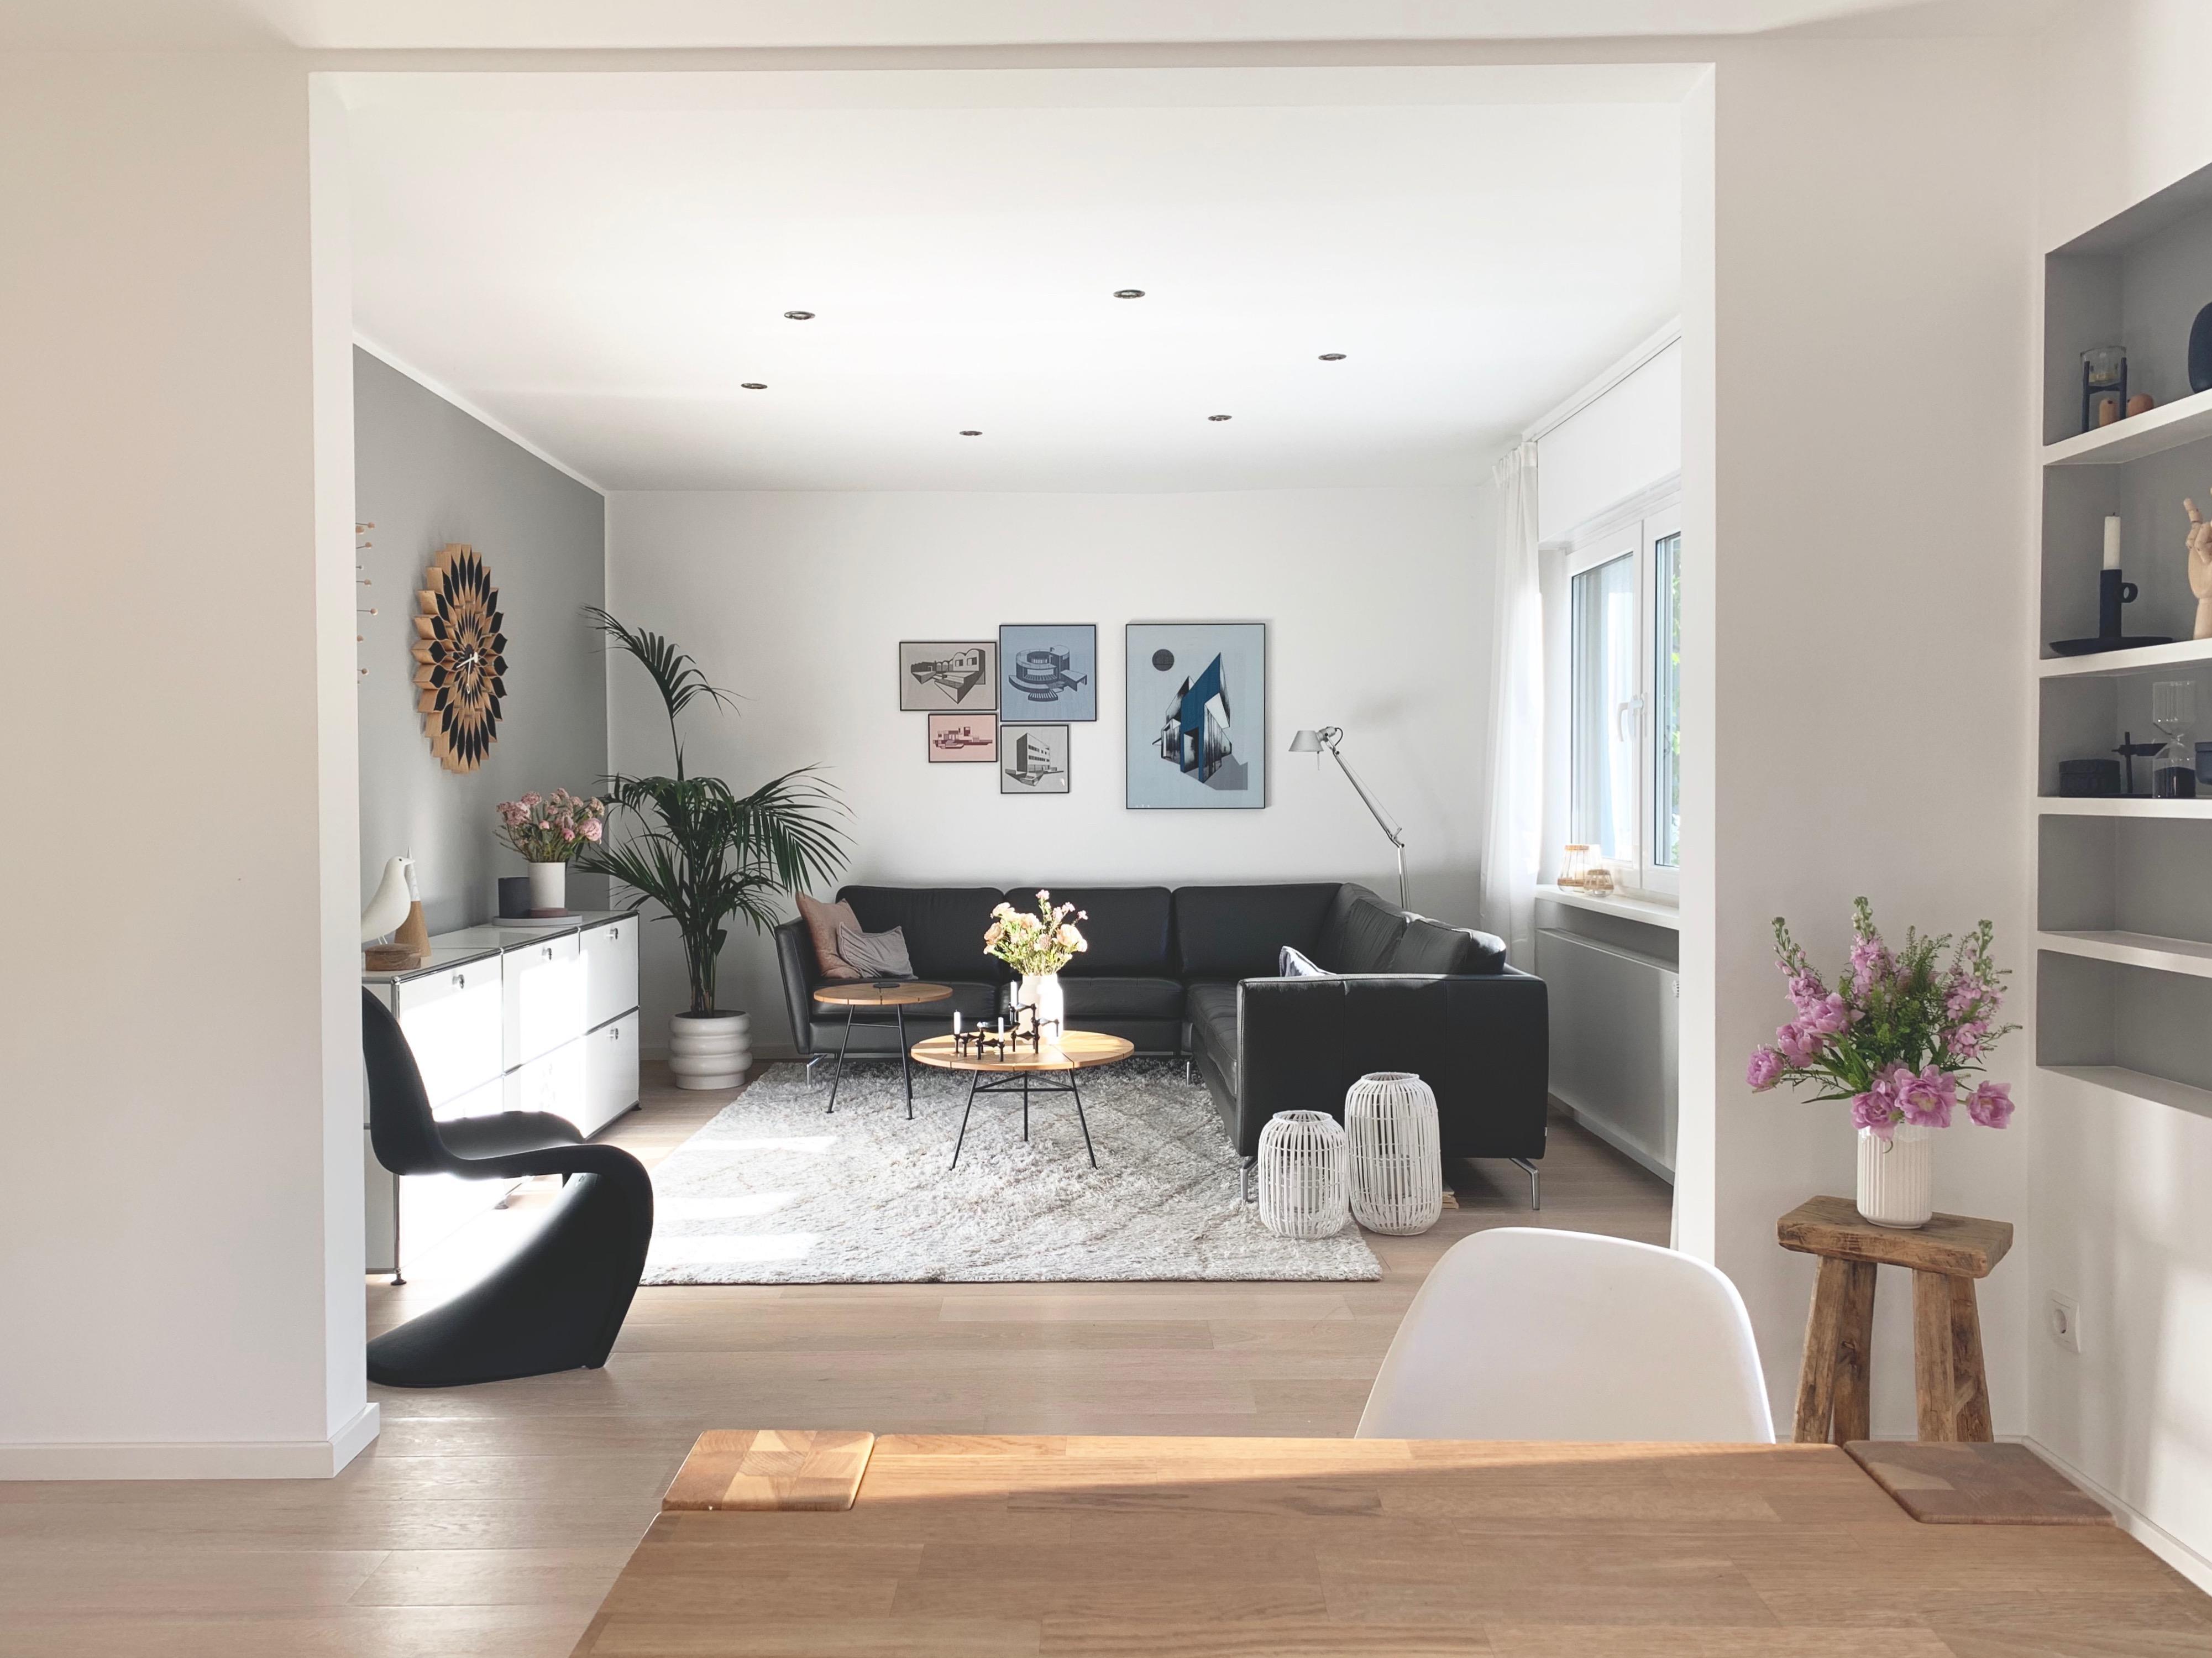 wanddurchbruch wohnzimmer designklassiker stilmix ledersofa pflanzen wandschmuck einbauregal